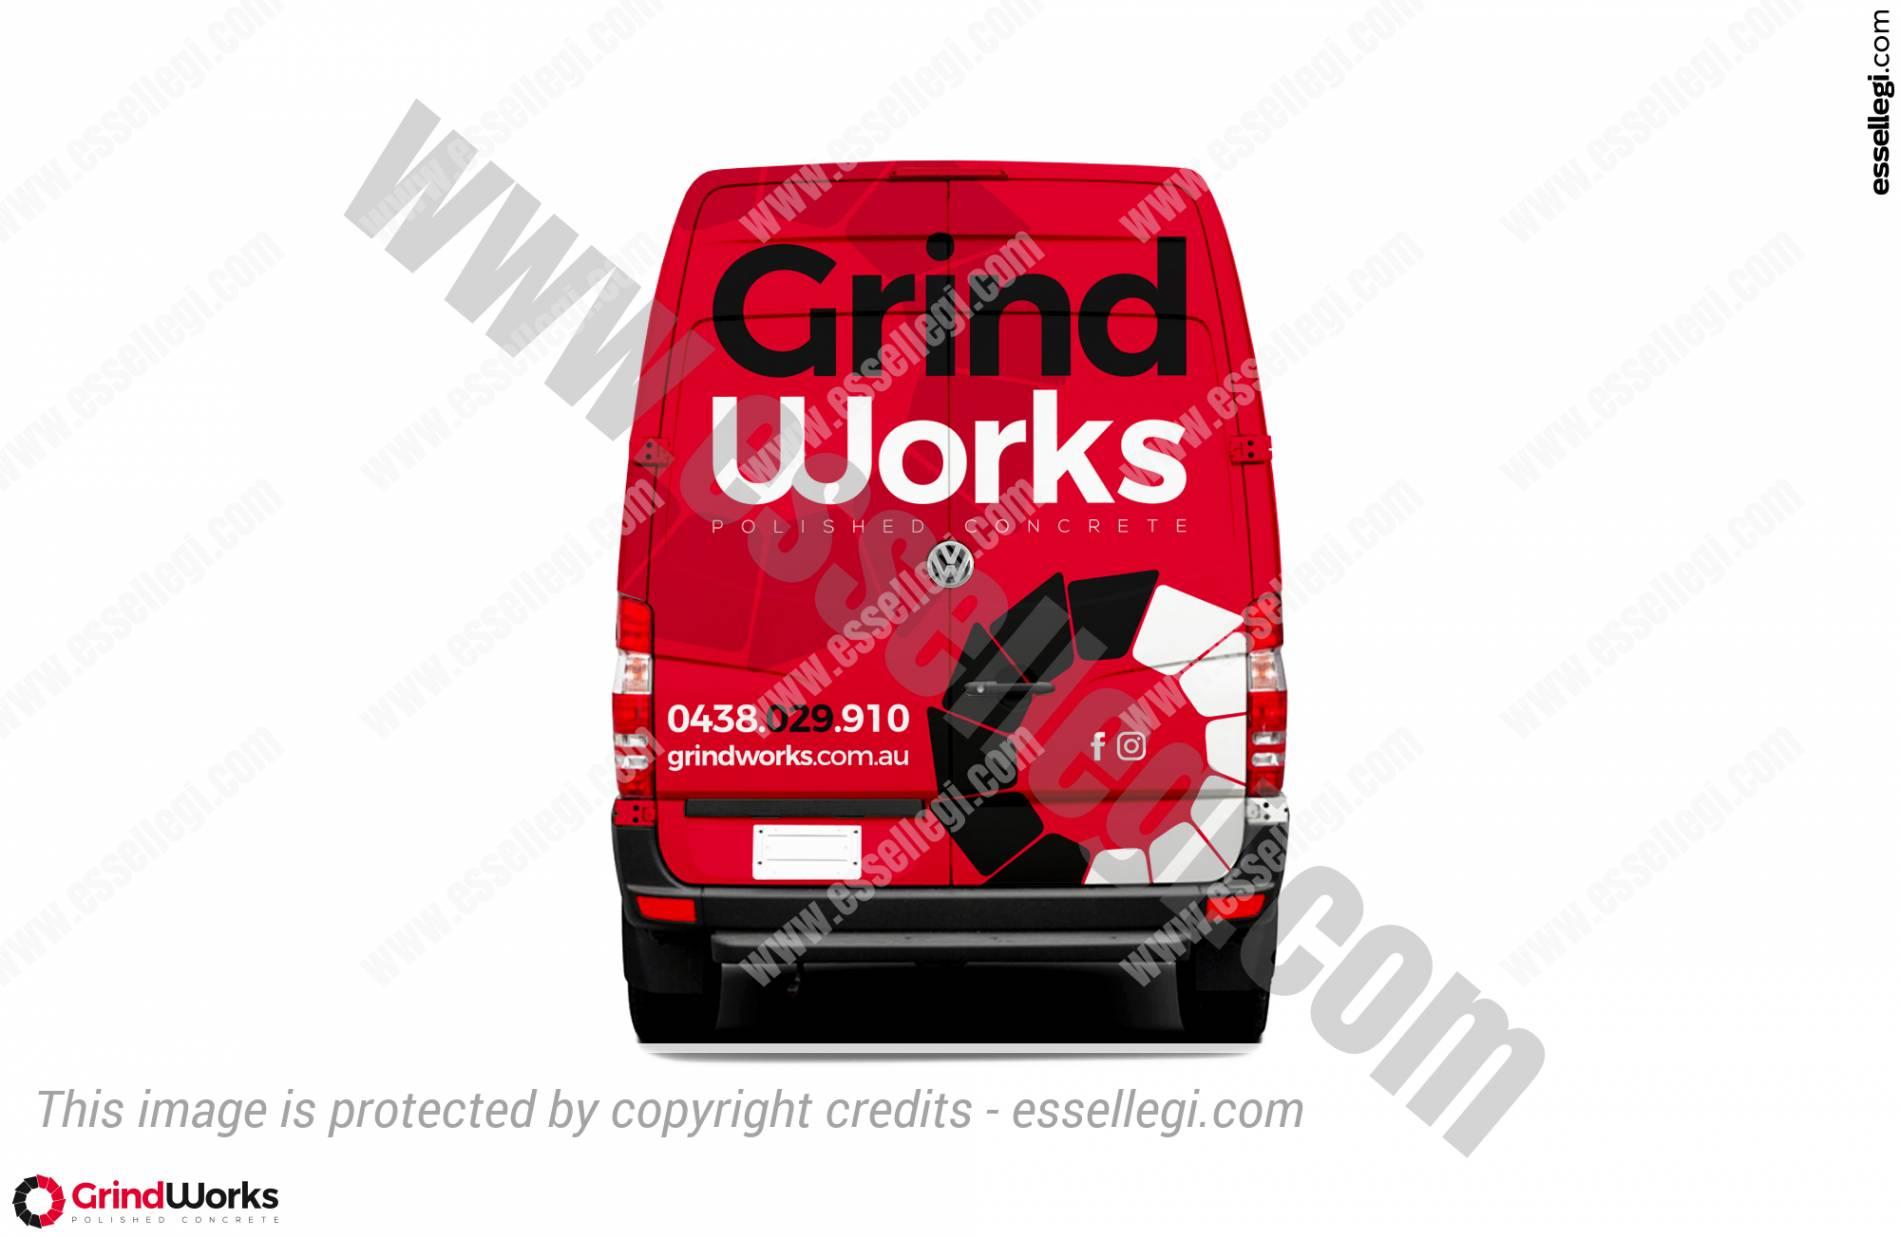 Volkswagen Crafter Wrap Design. Volkswagen Crafter | Van Wrap Design by Essellegi. Van Signs, Van Signage, Van Wrapping, Van Signwriting, Van Wrap Designer, Signs for Van, Van Logo, Van Graphic by Essellegi.